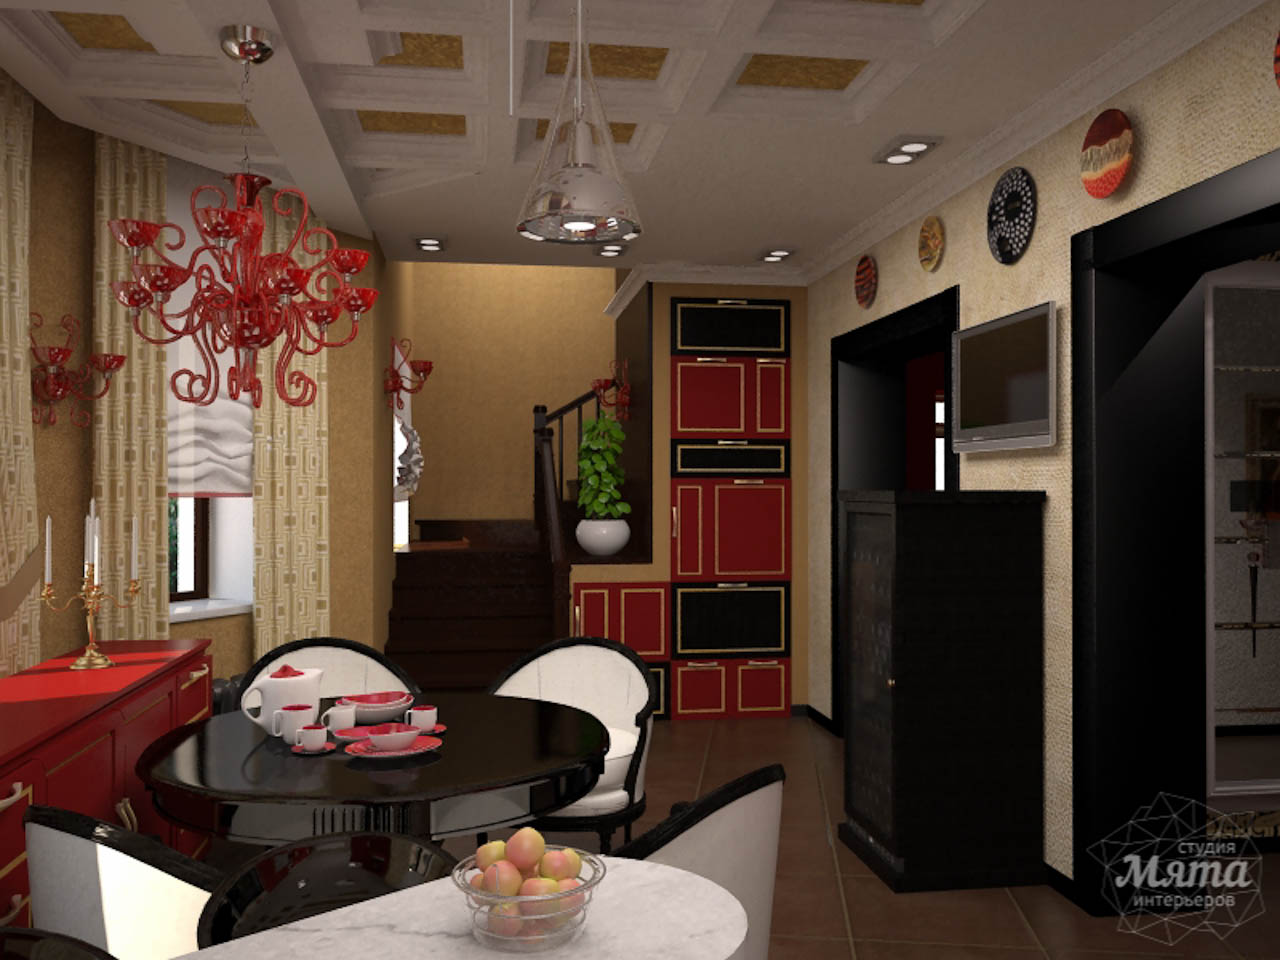 Дизайн интерьера коттеджа первого этажа по ул. Урожайная 17 img1996066658